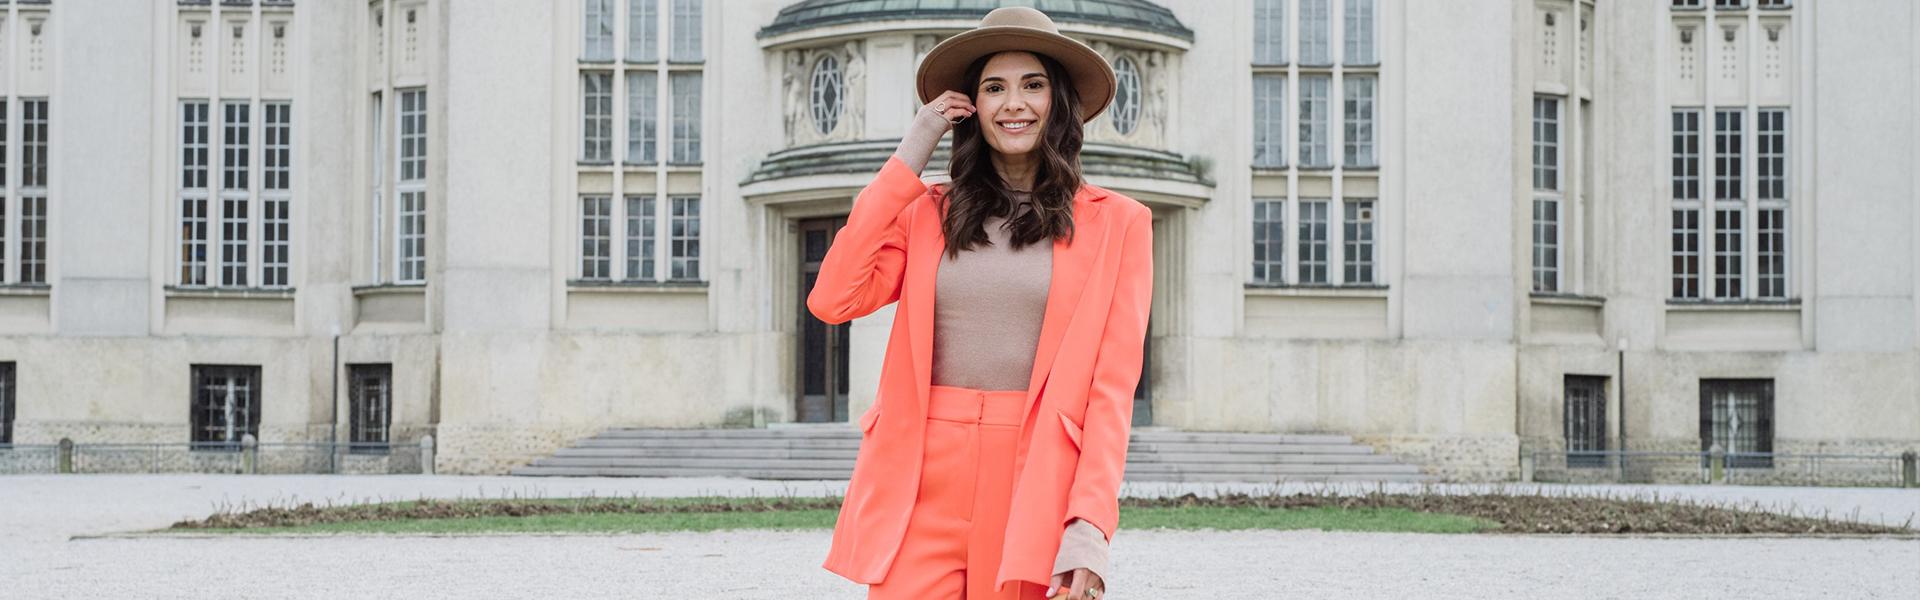 Оваа сезона се инспирираме од стилската блогерка Памела Смољаниќ